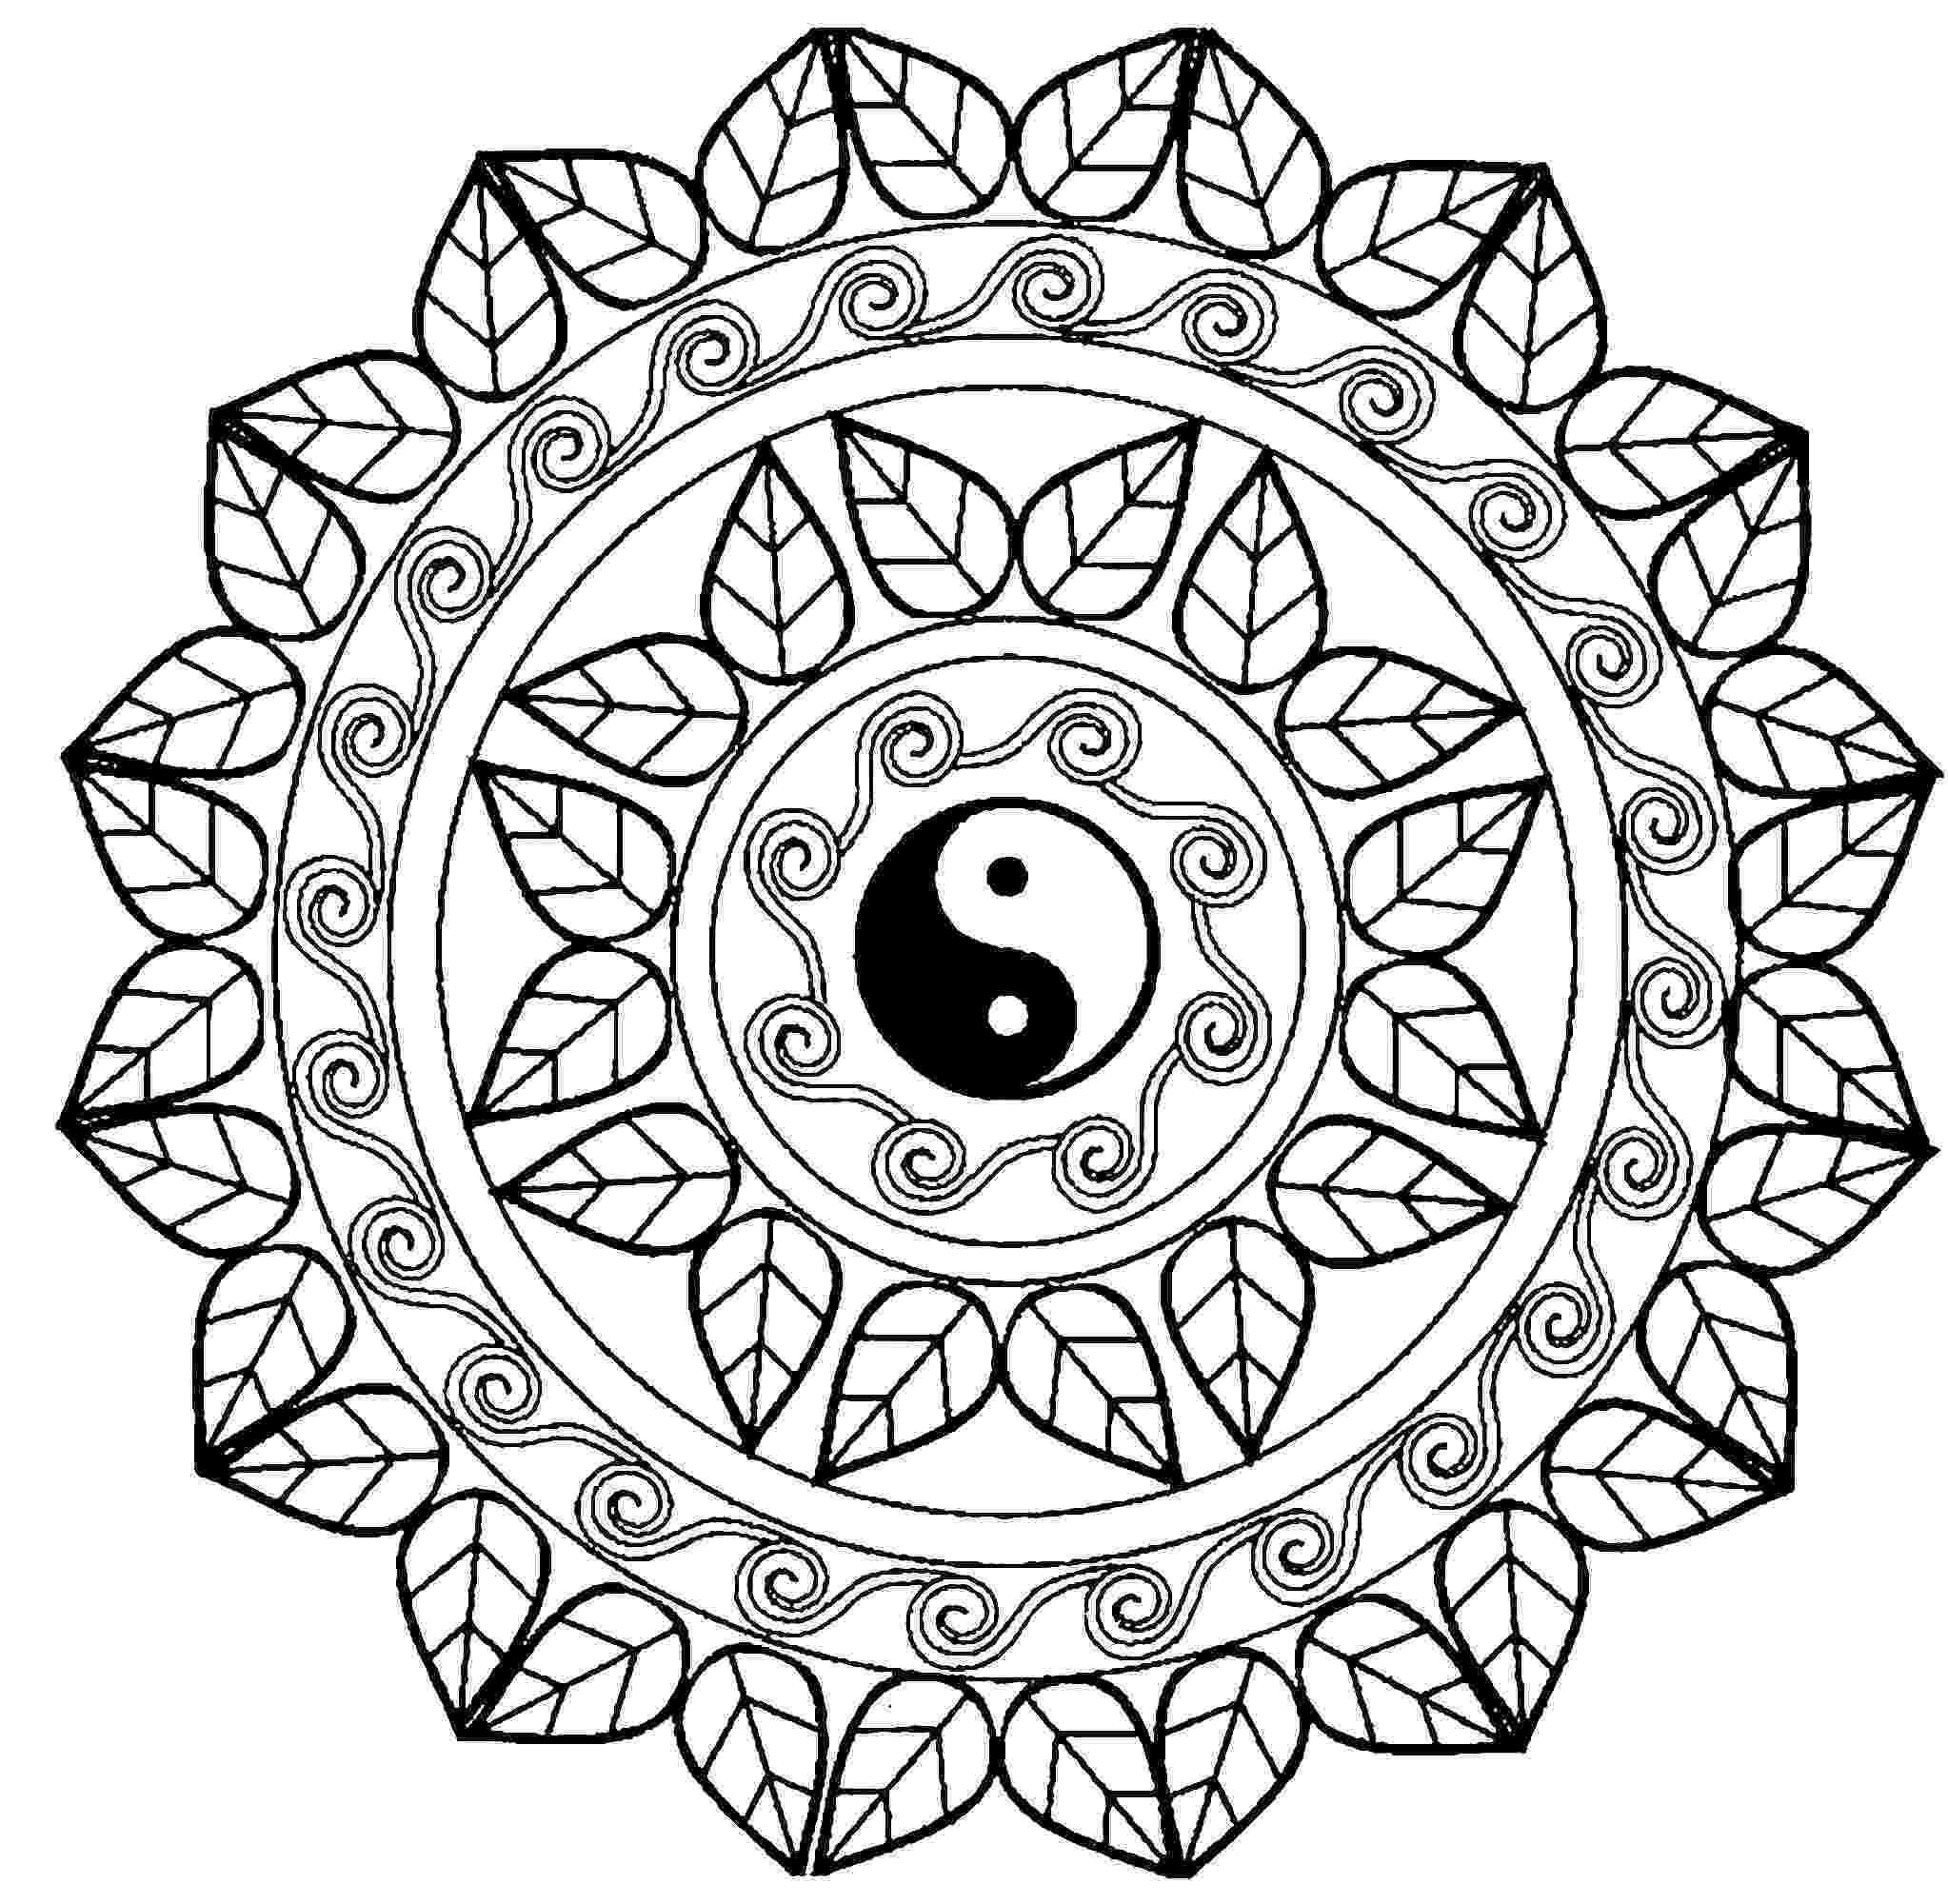 ying yang coloring pages ying yang colouring pages clipart best yang ying pages coloring